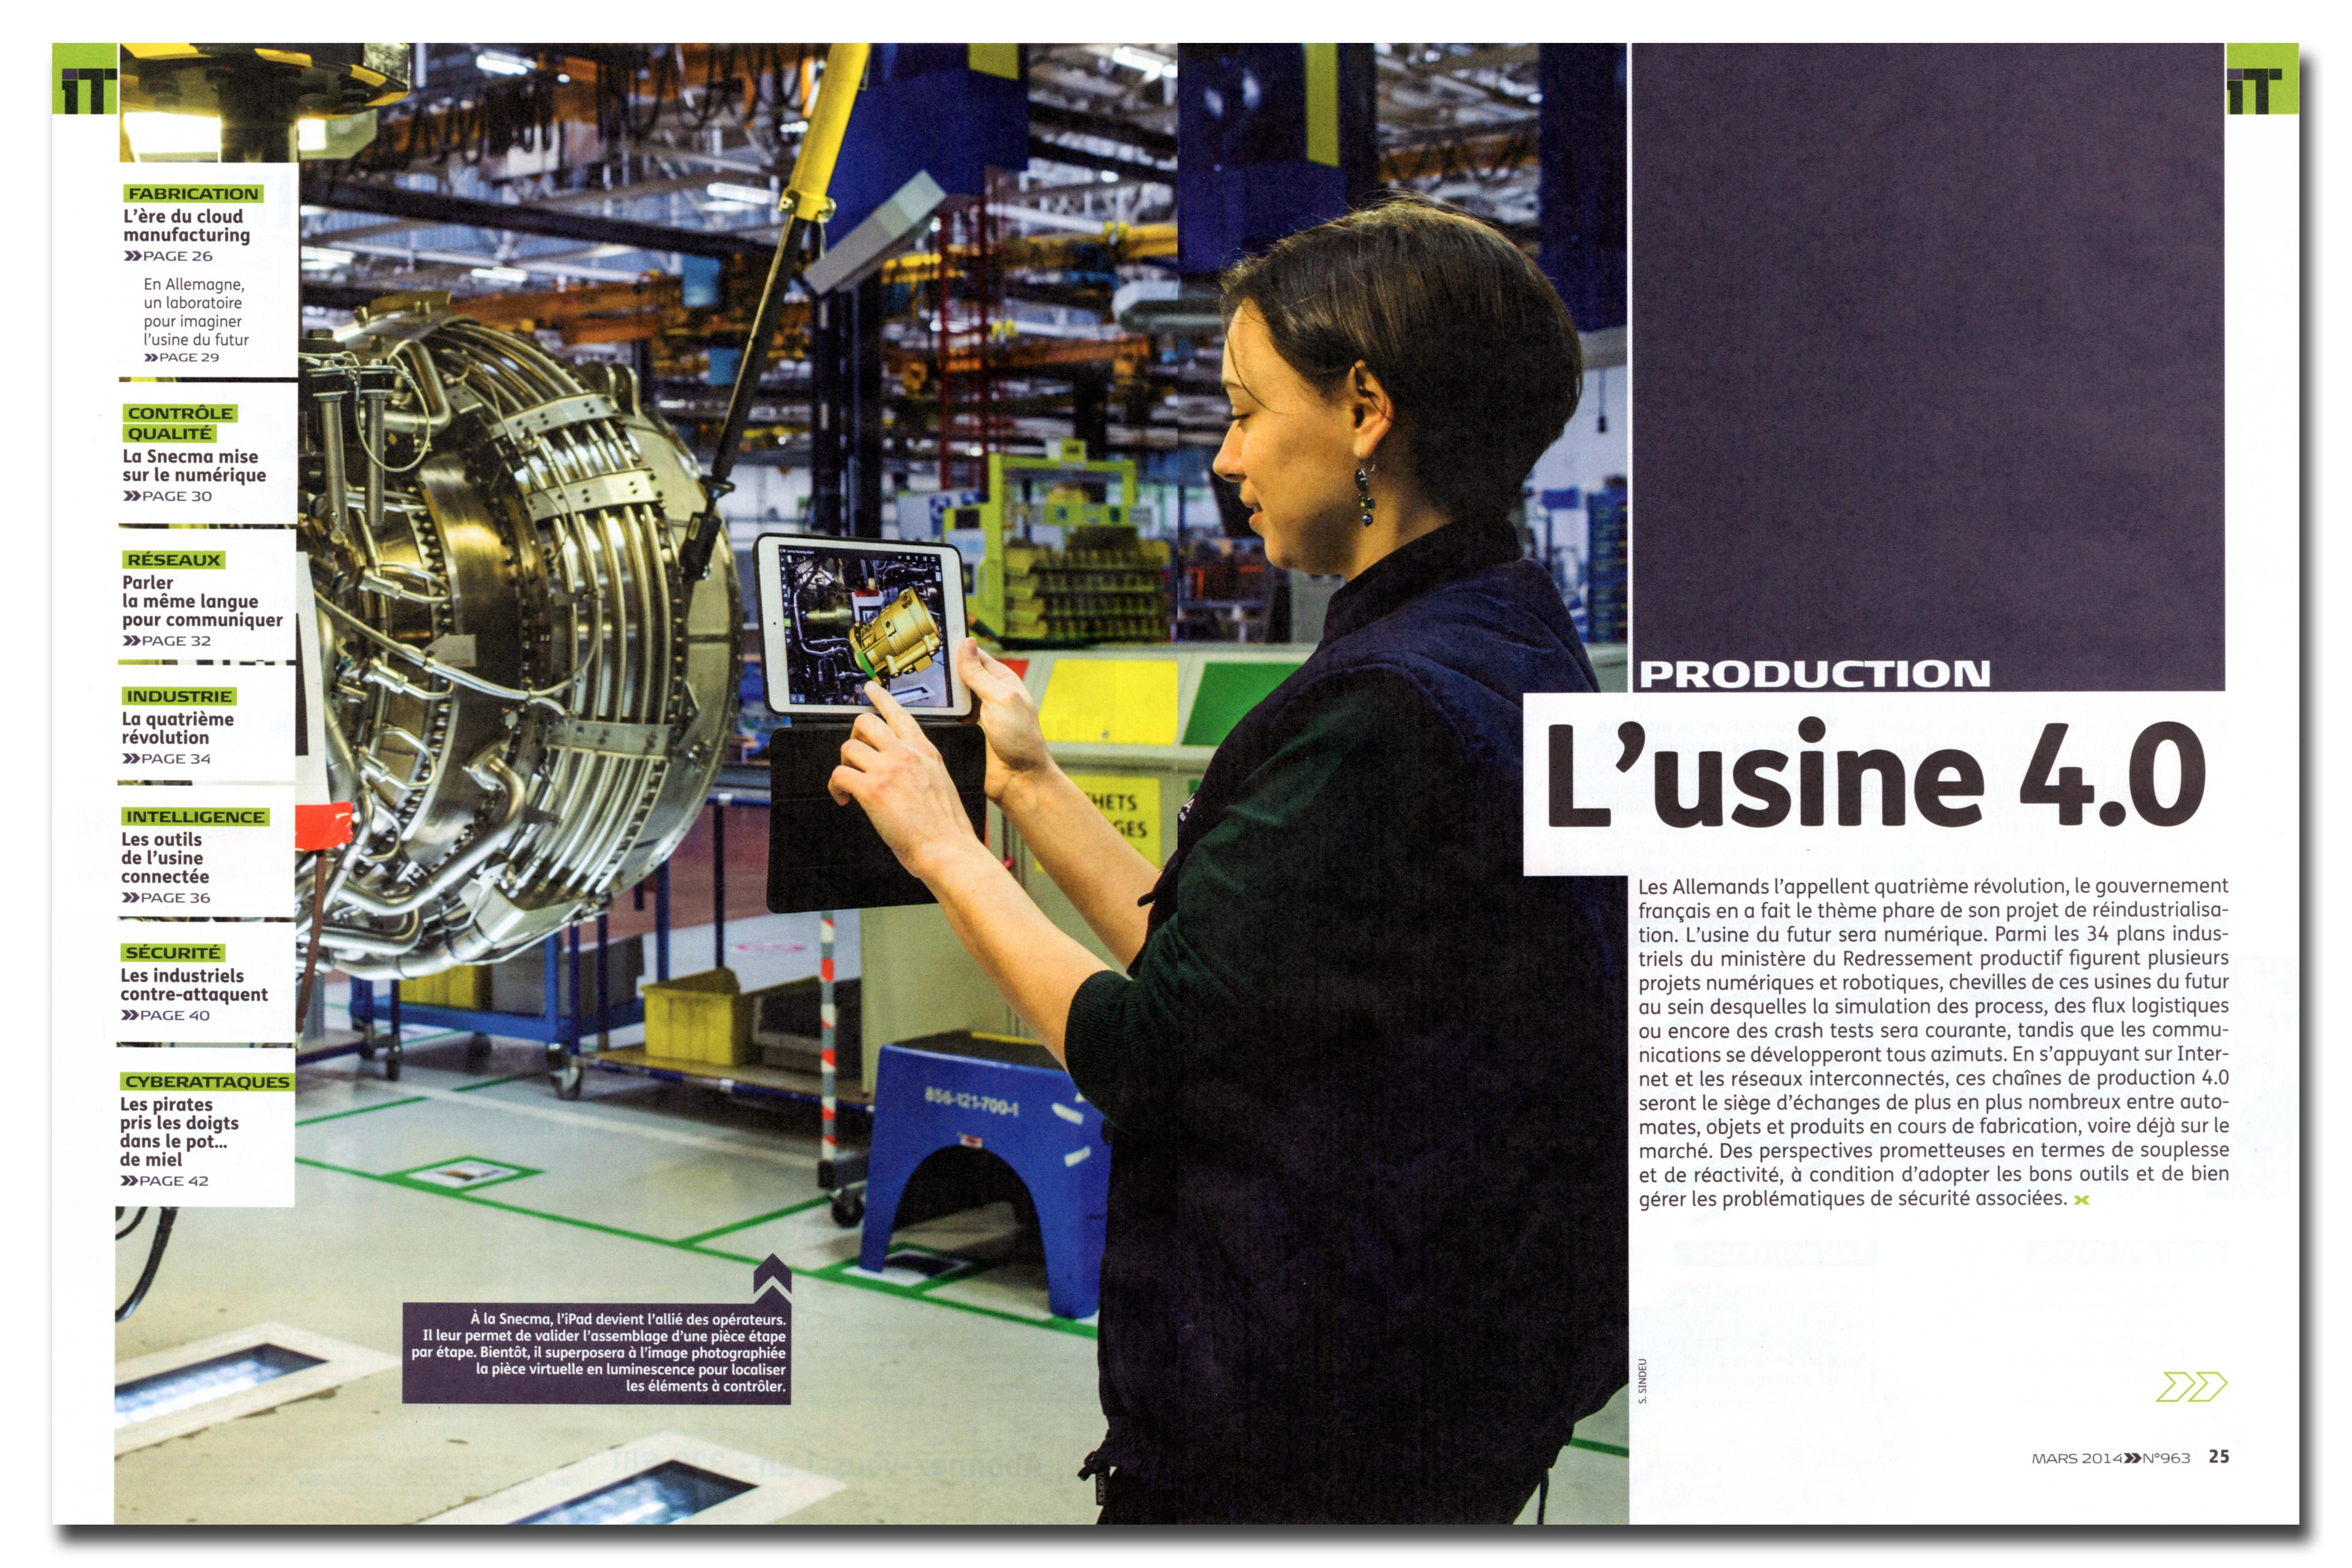 L'USINE NOUVELLE / SÉBASTIEN SINDEU